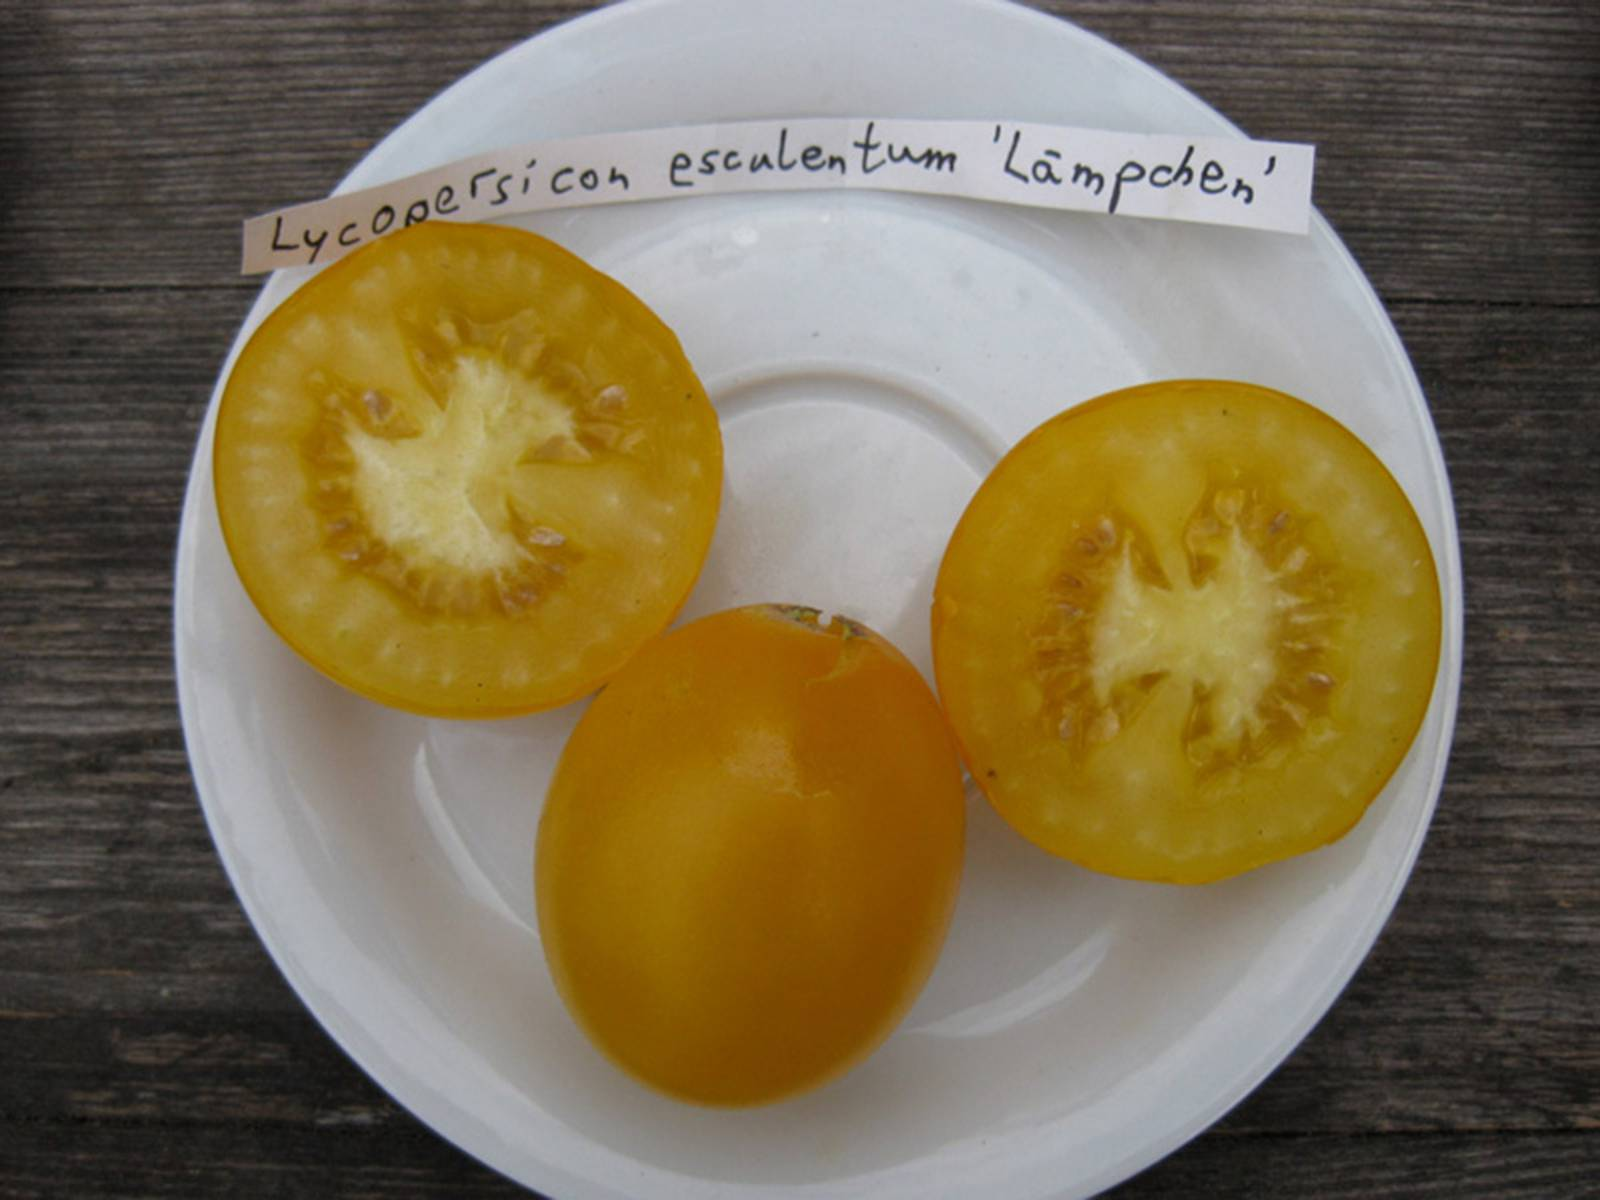 """Tomaten der Sorte Lycopersicon esculentum """"Lämpchen"""" auf einem Teller"""